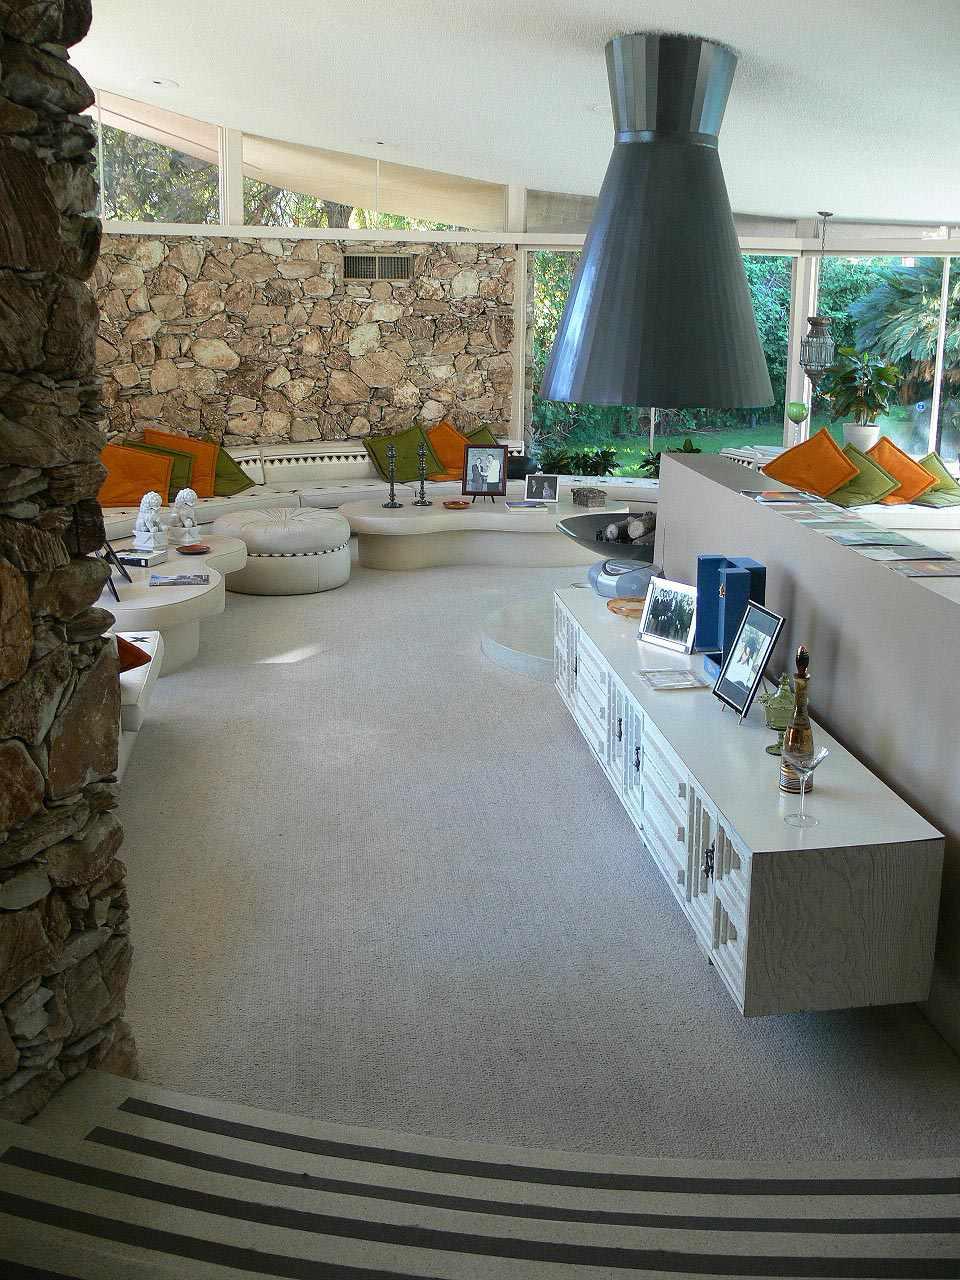 Living area at the Elvis Honeymoon Hideaway in Palm Springs, California